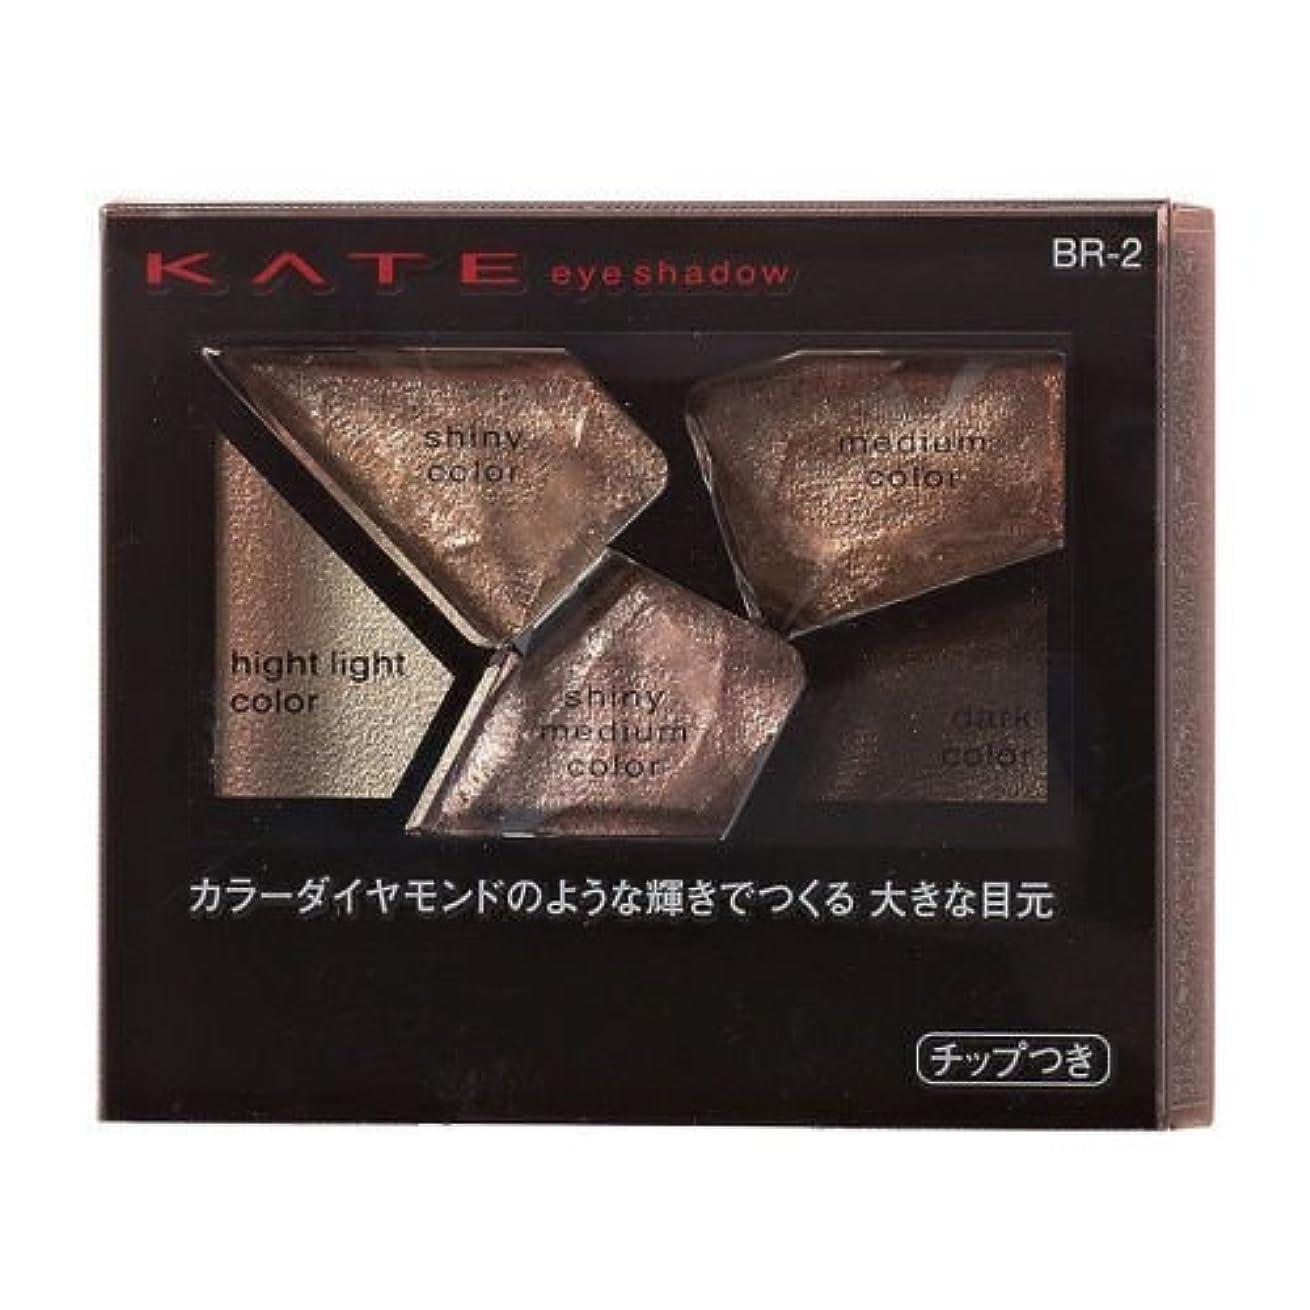 プランテーションホーンサイクル【カネボウ】ケイト カラーシャスダイヤモンド #BR-2 2.8g